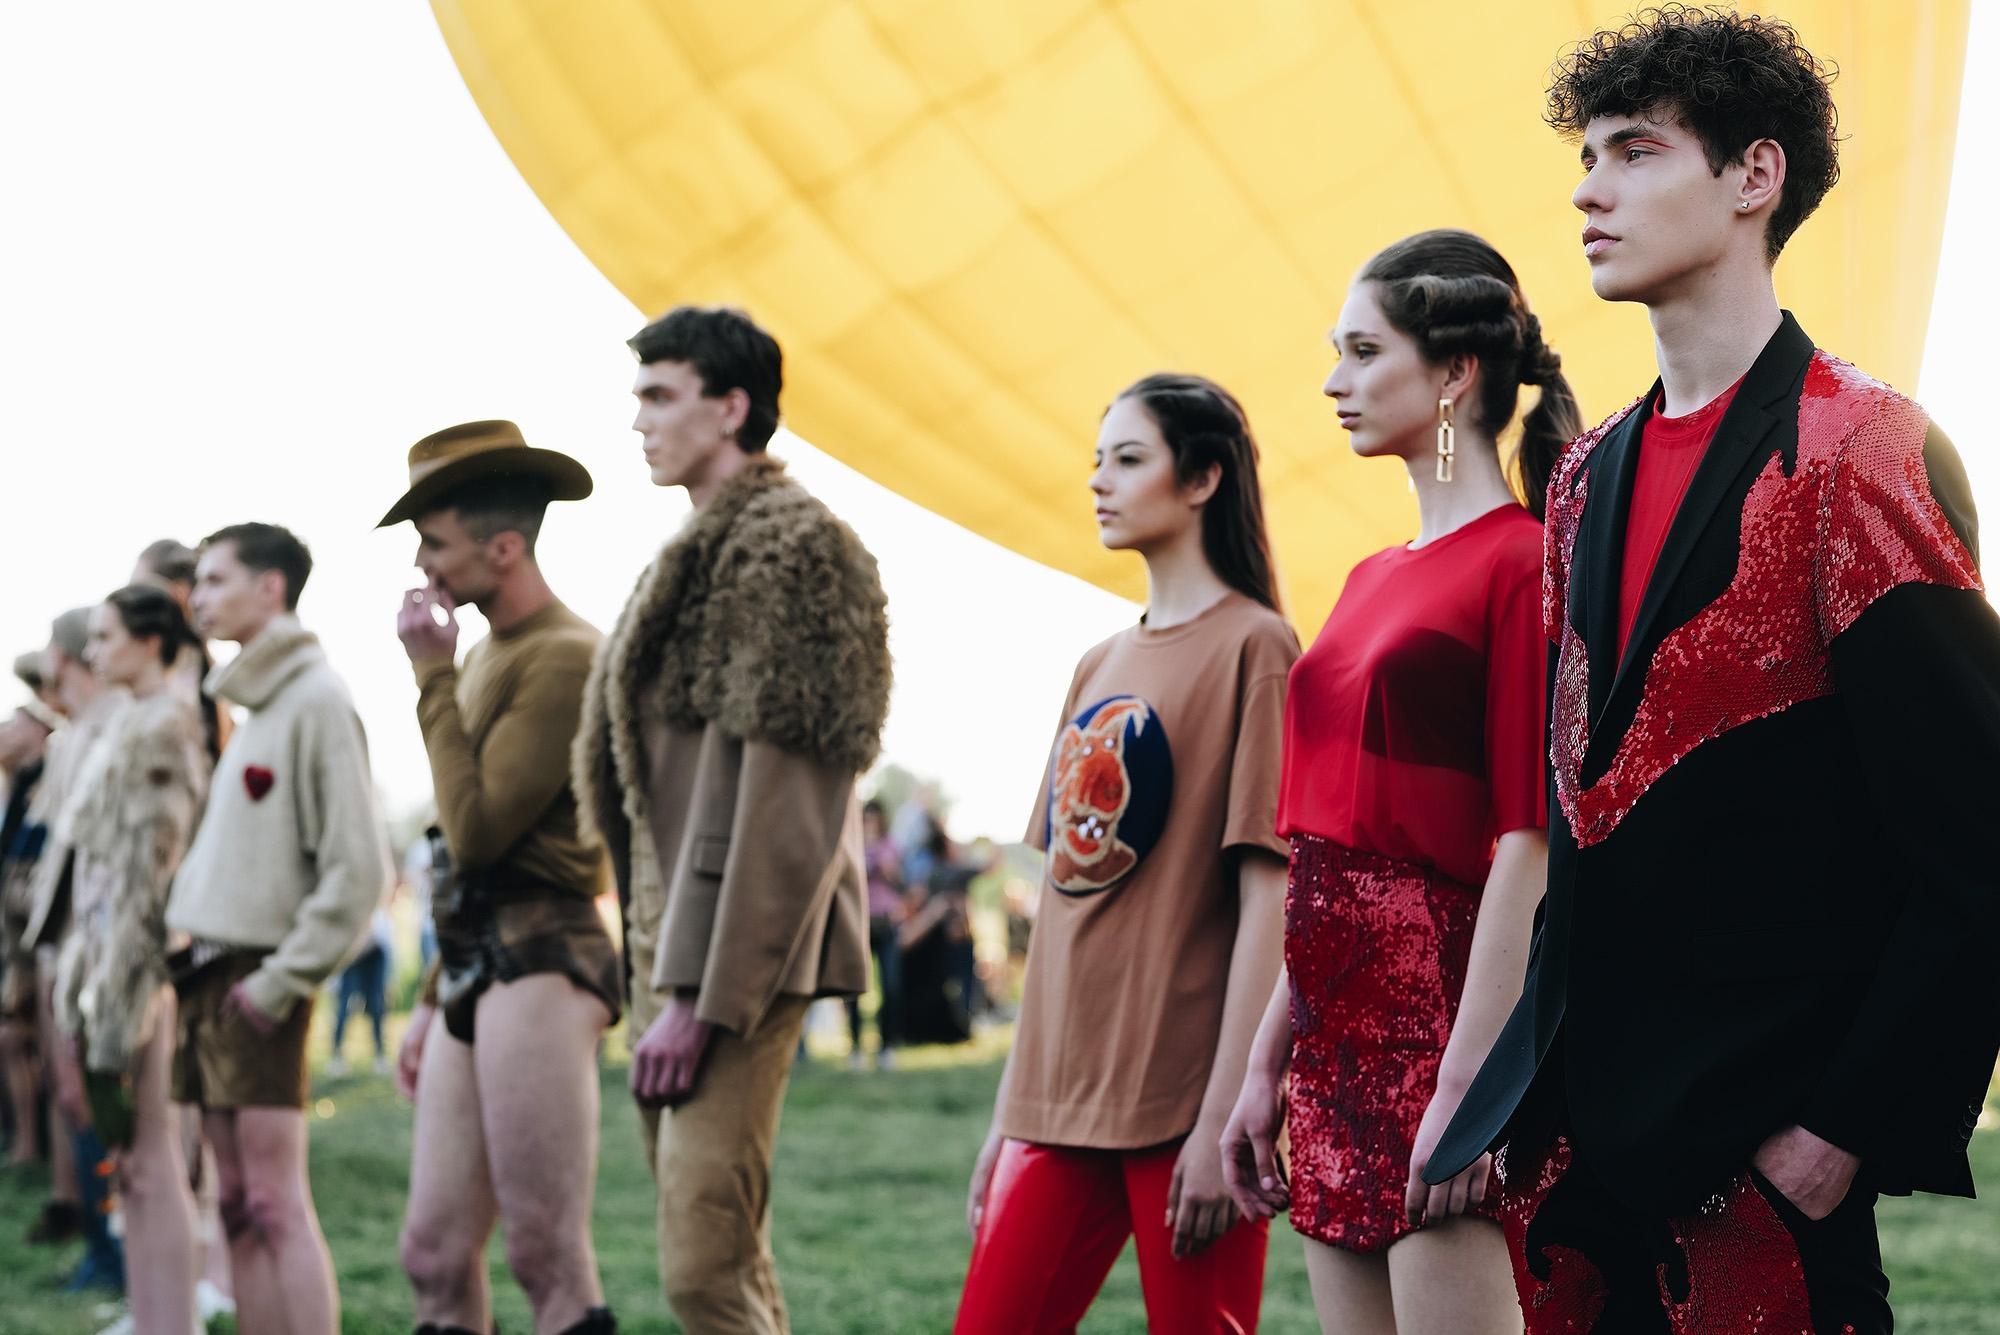 Украинский дизайнер Жан Грицфельдт представил новую коллекцию на фестивале воздушных шаров (ФОТО) - фото №1